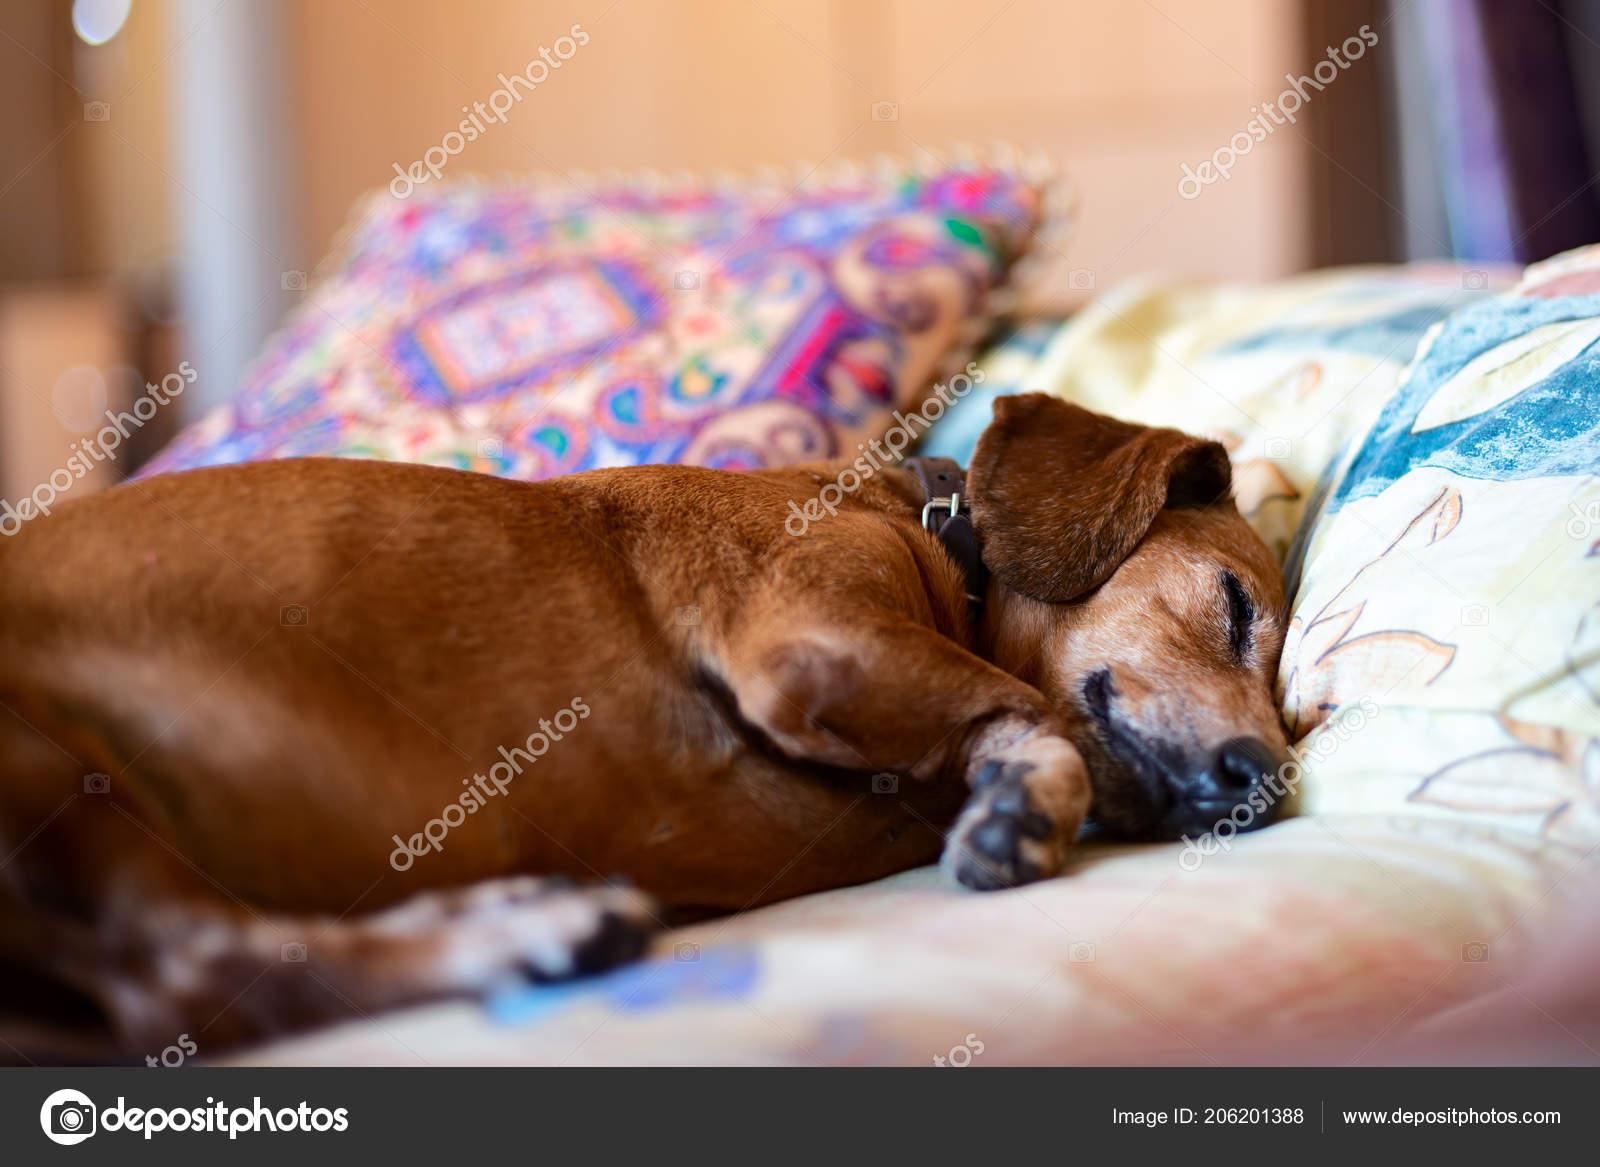 fa36484e1b91 Παλιό όμορφο είδος γερμανικού κυνηγετικού σκύλου γλυκά κοιμάται σε ένα  κρεβάτι σε ένα μαξιλάρι — Εικόνα από ...